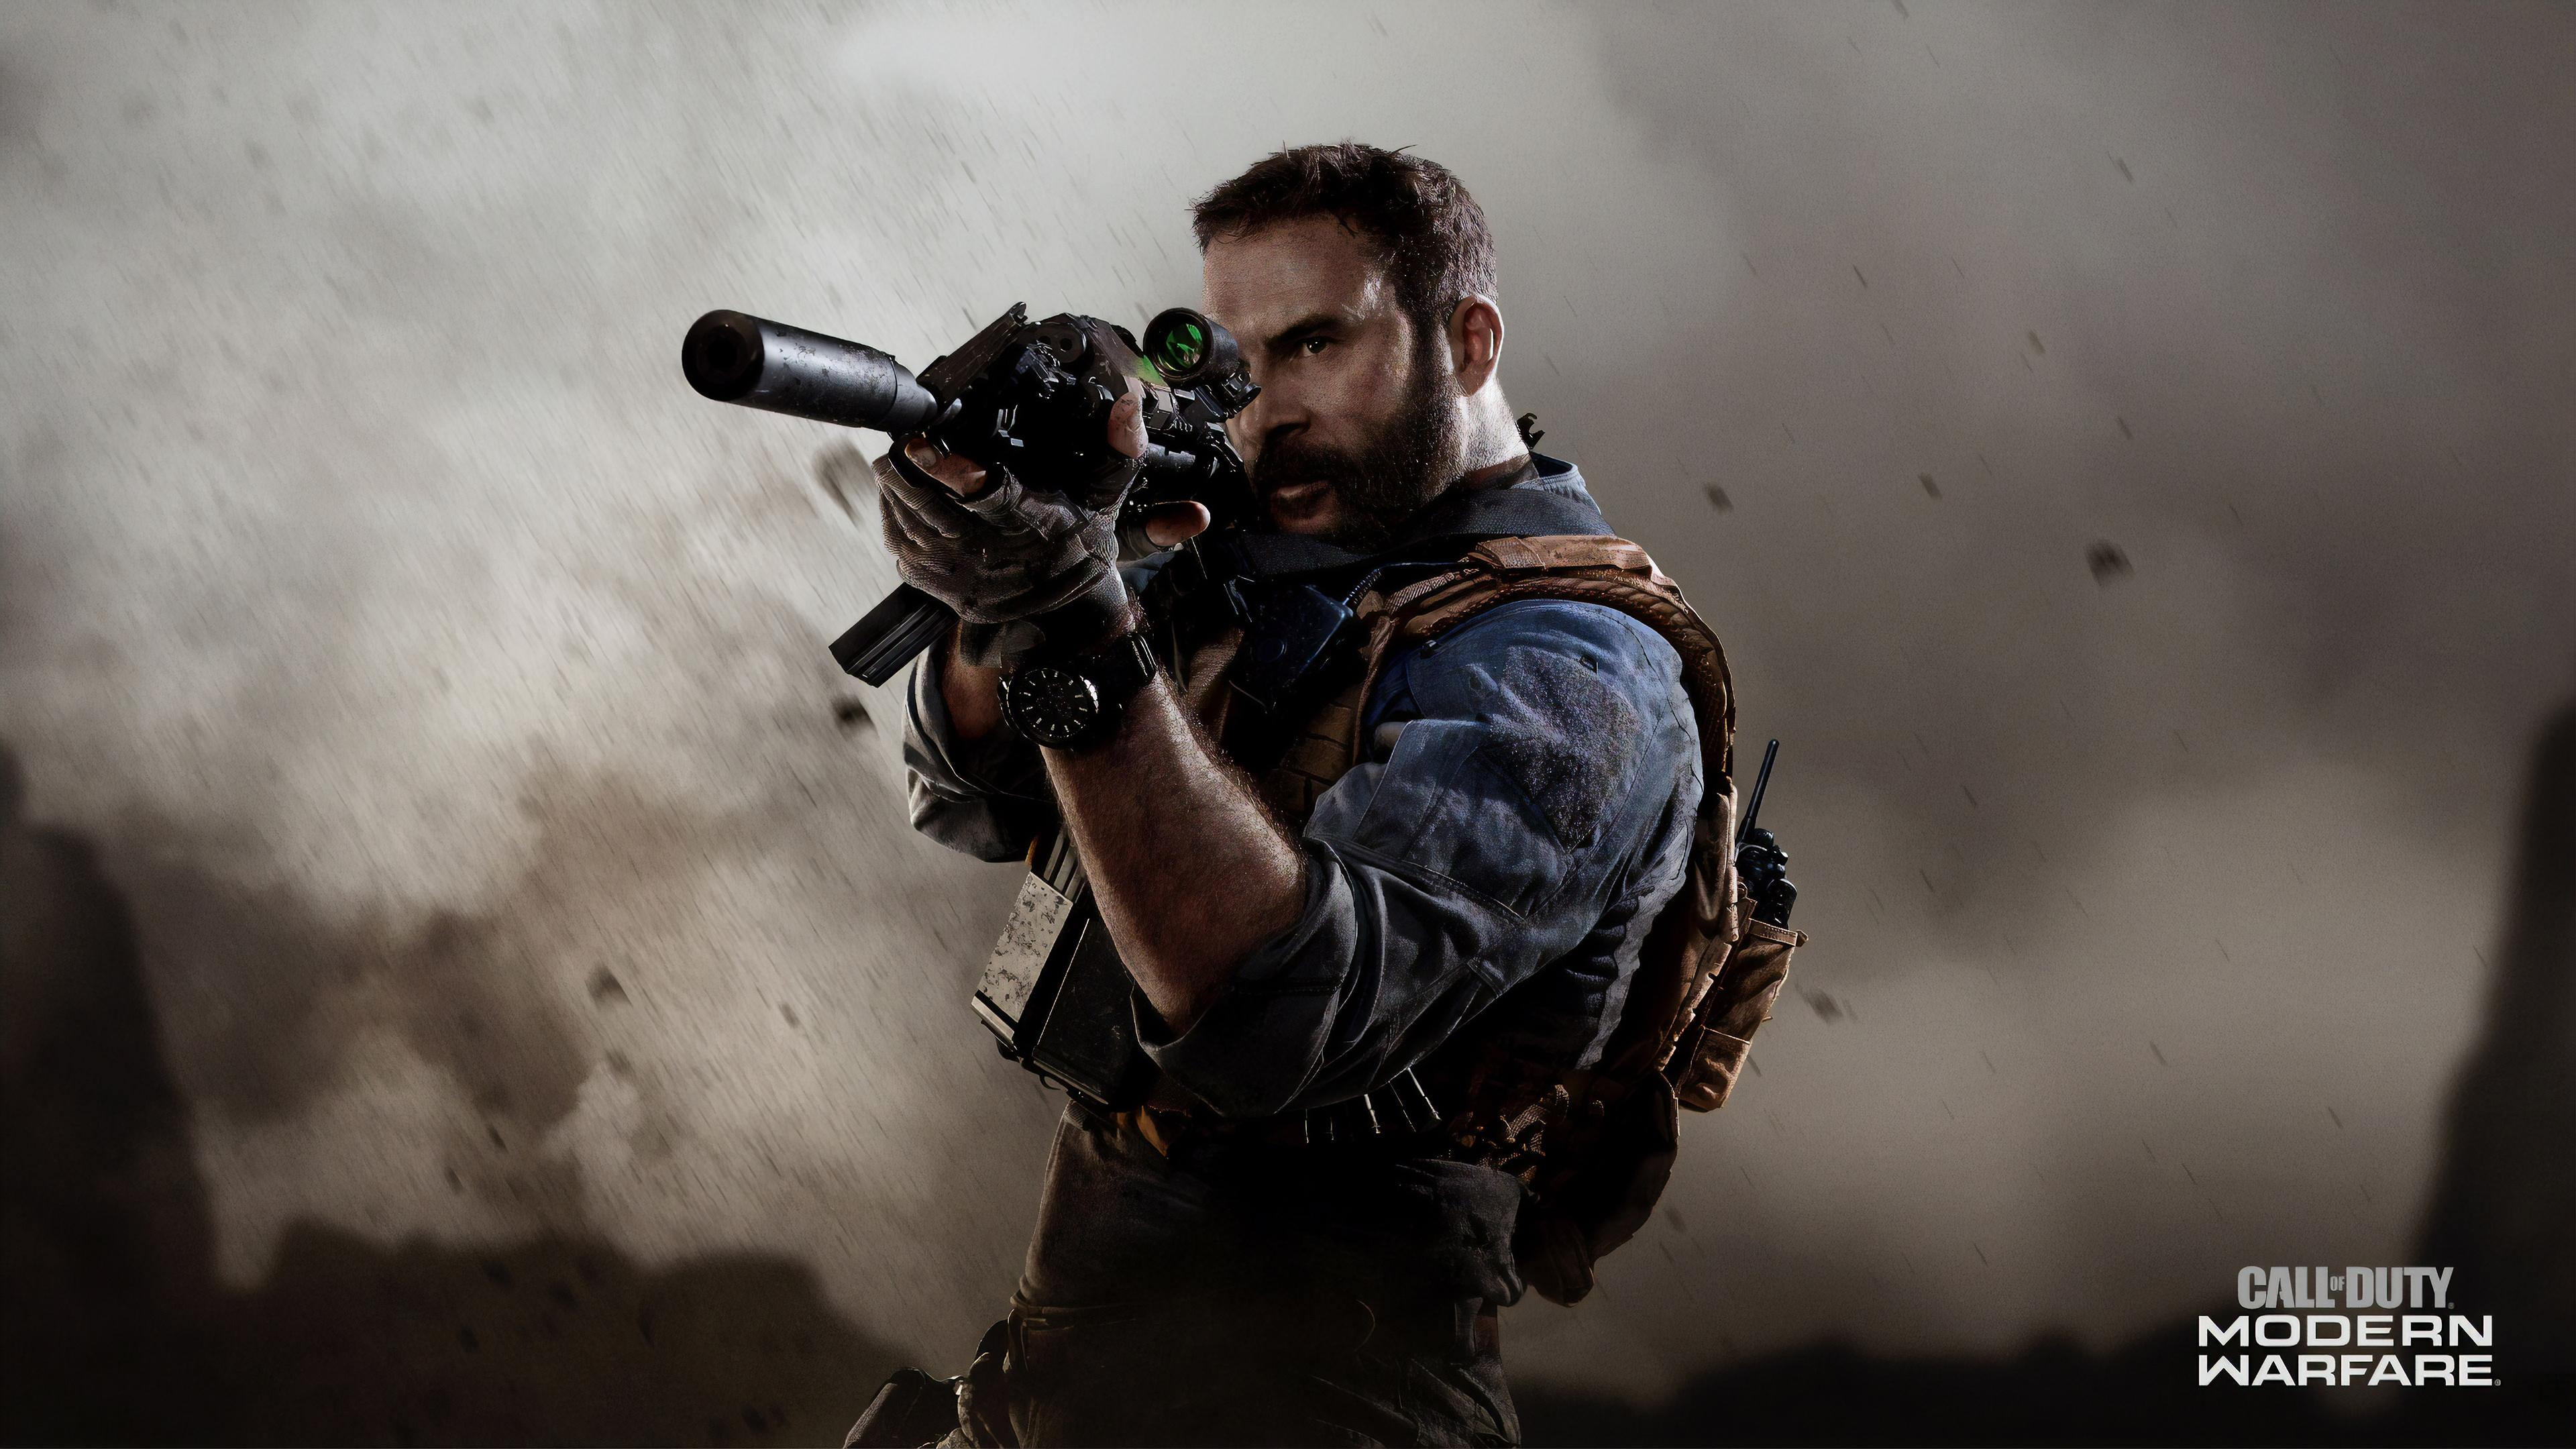 Call Of Duty Modern Warfare 4k, HD Games, 4k Wallpapers ...